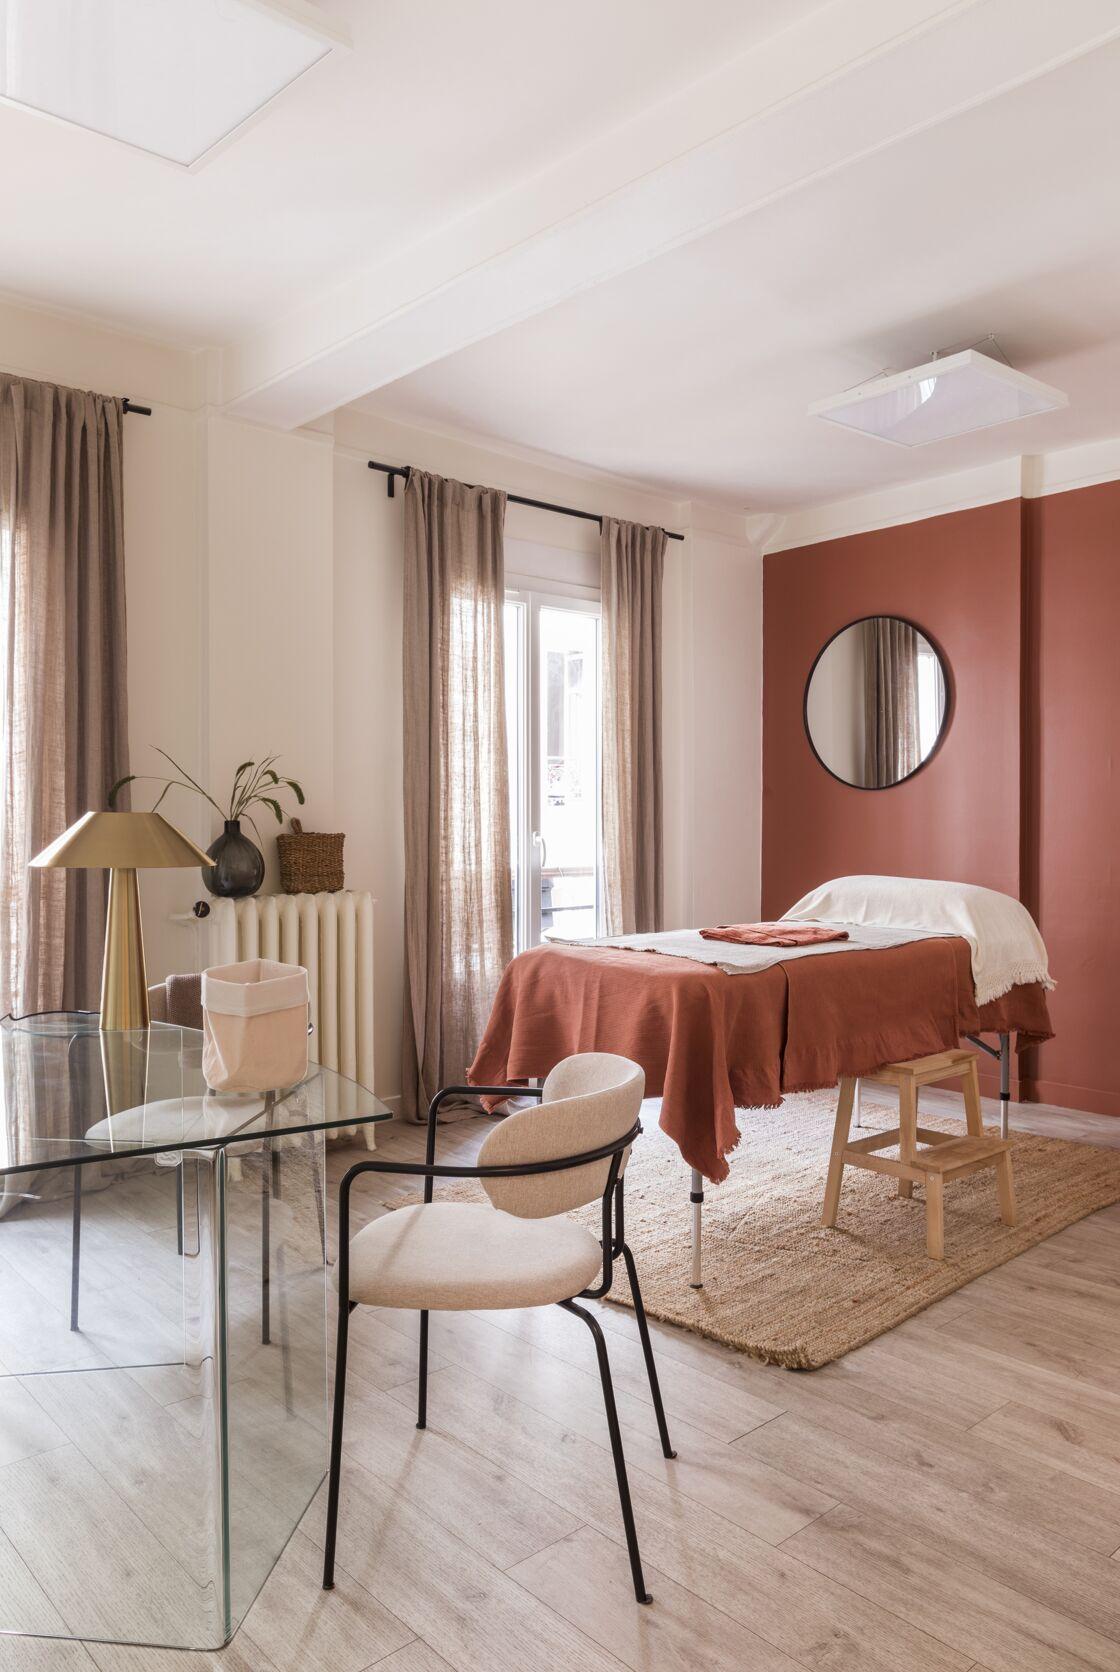 La maison de la féminité Gynécée, 62, rue Blanche, 75 009 Paris, gynecee.paris